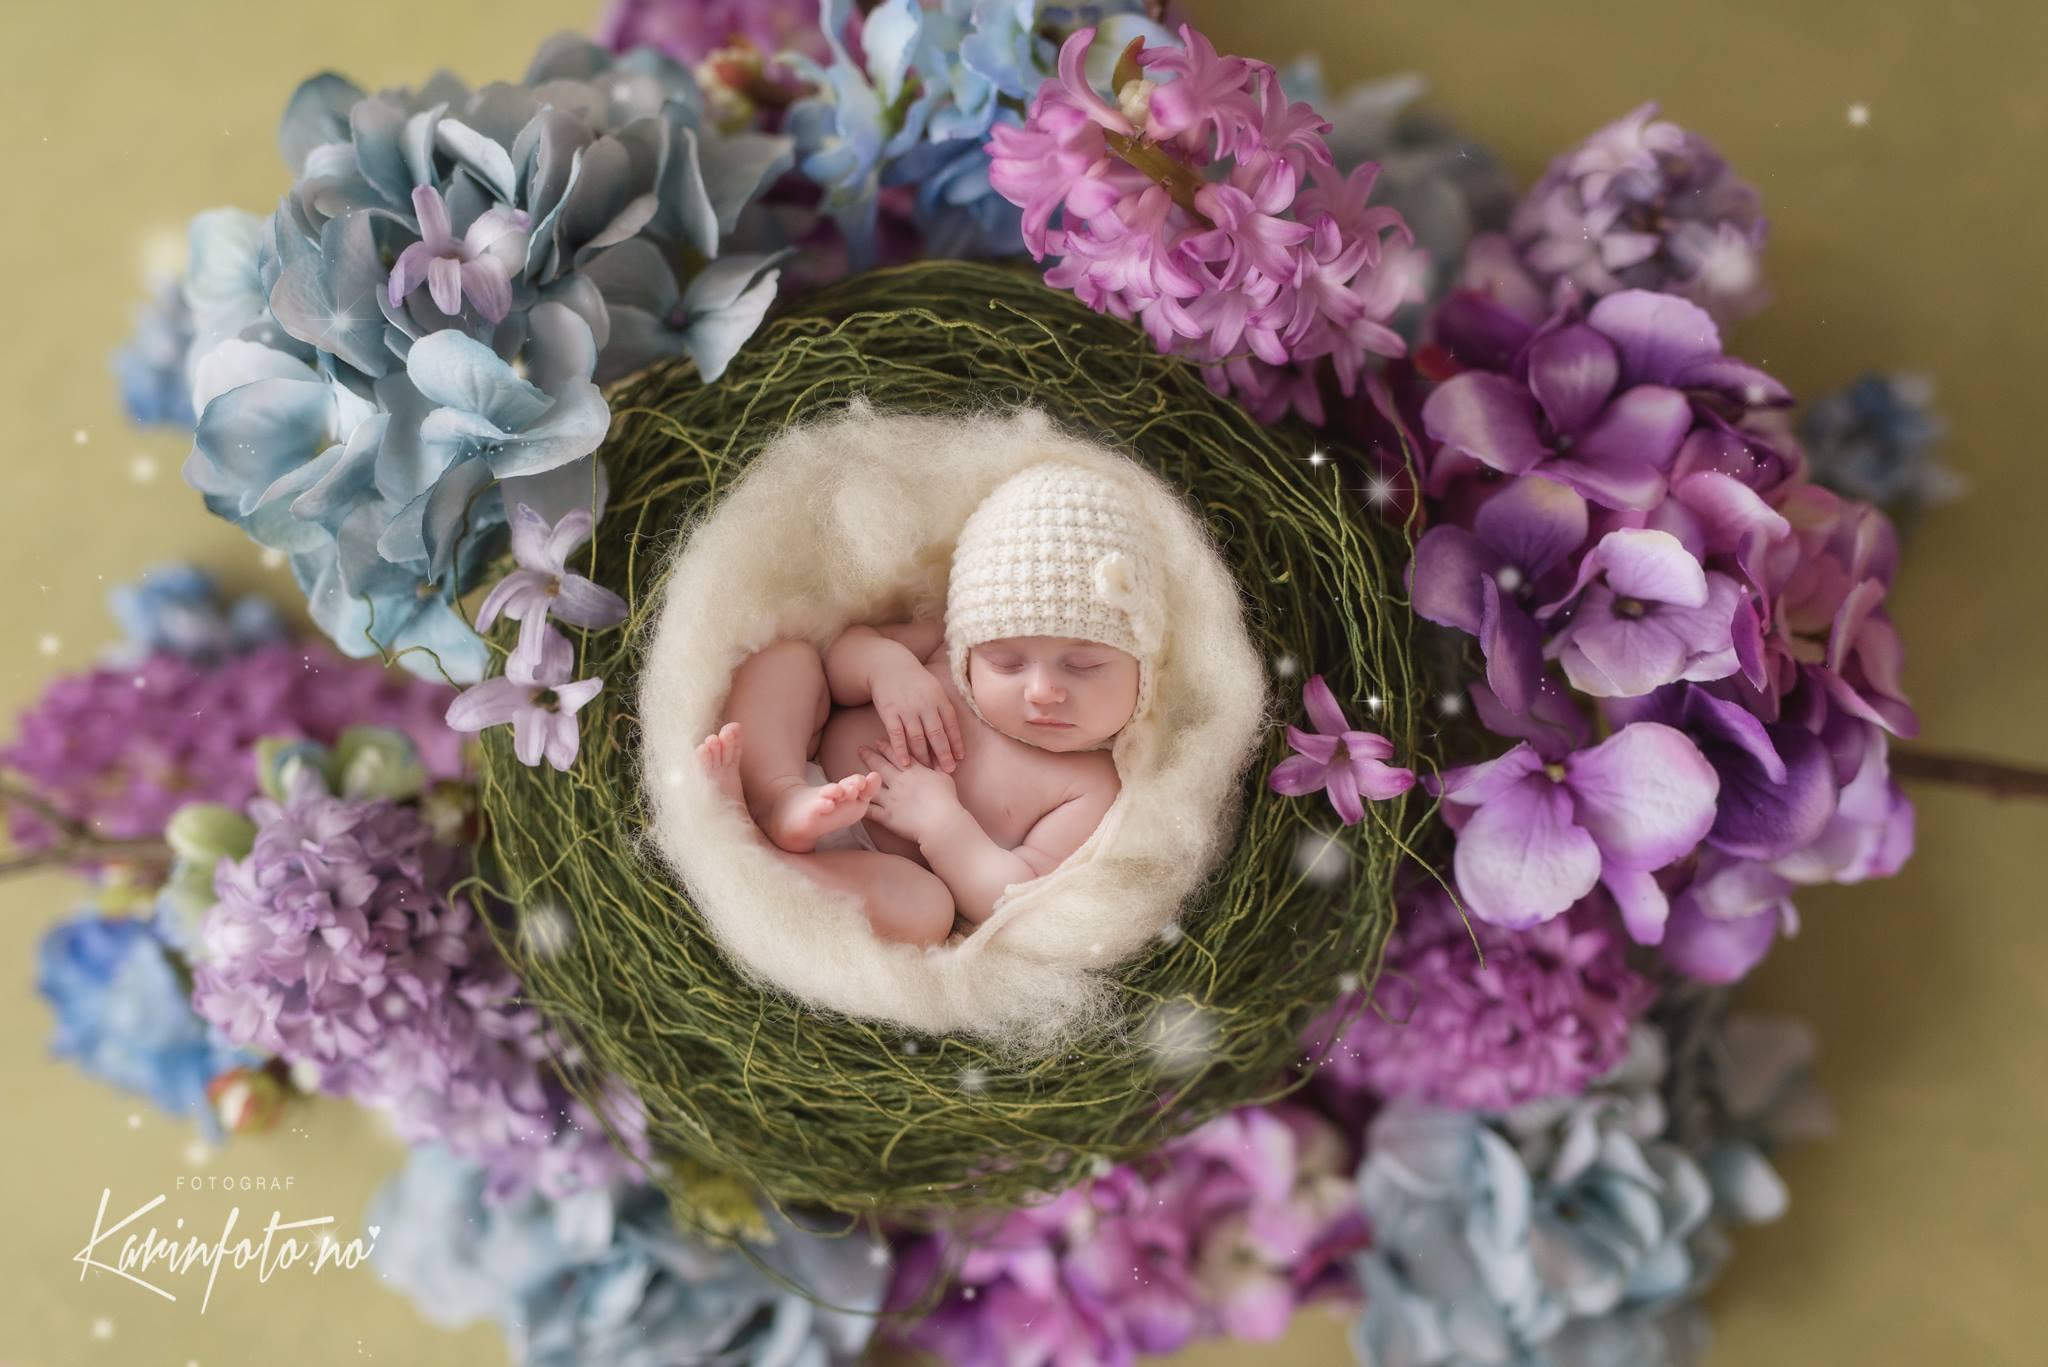 Kunst,nyfødtfotografering,fineart,babyfotograf,nyfødtfotograf,babyfoto,fotograf KarinPedersen,blomster,fargerik,kunstbilde